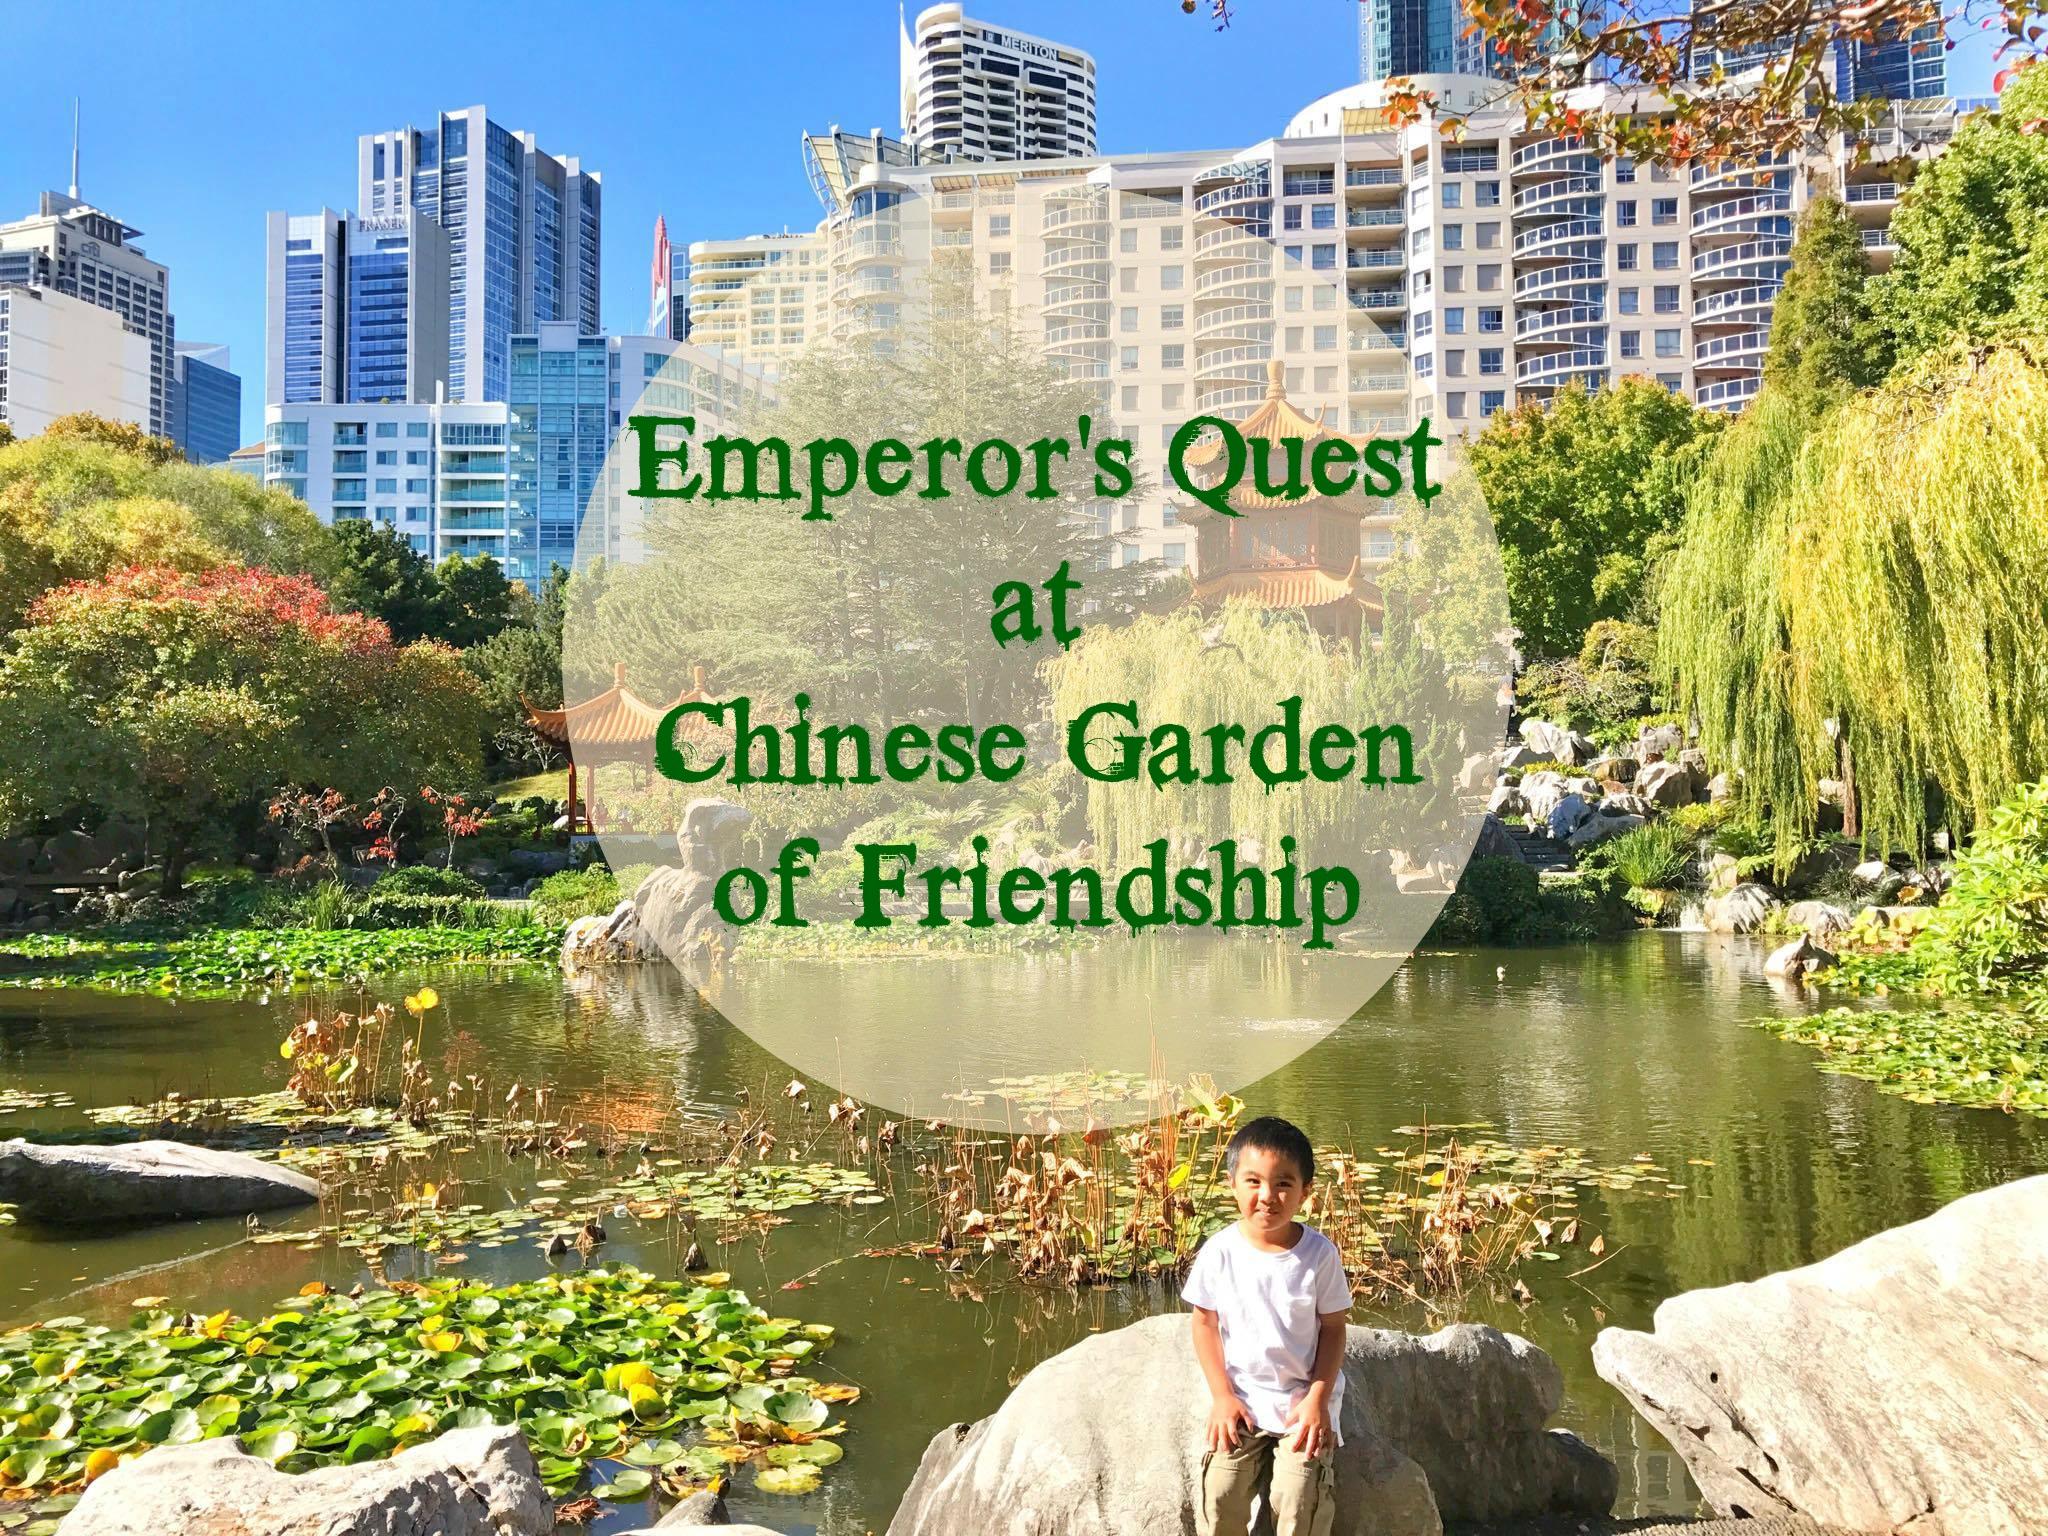 Chinese Garden of Friendship NSW, 2017